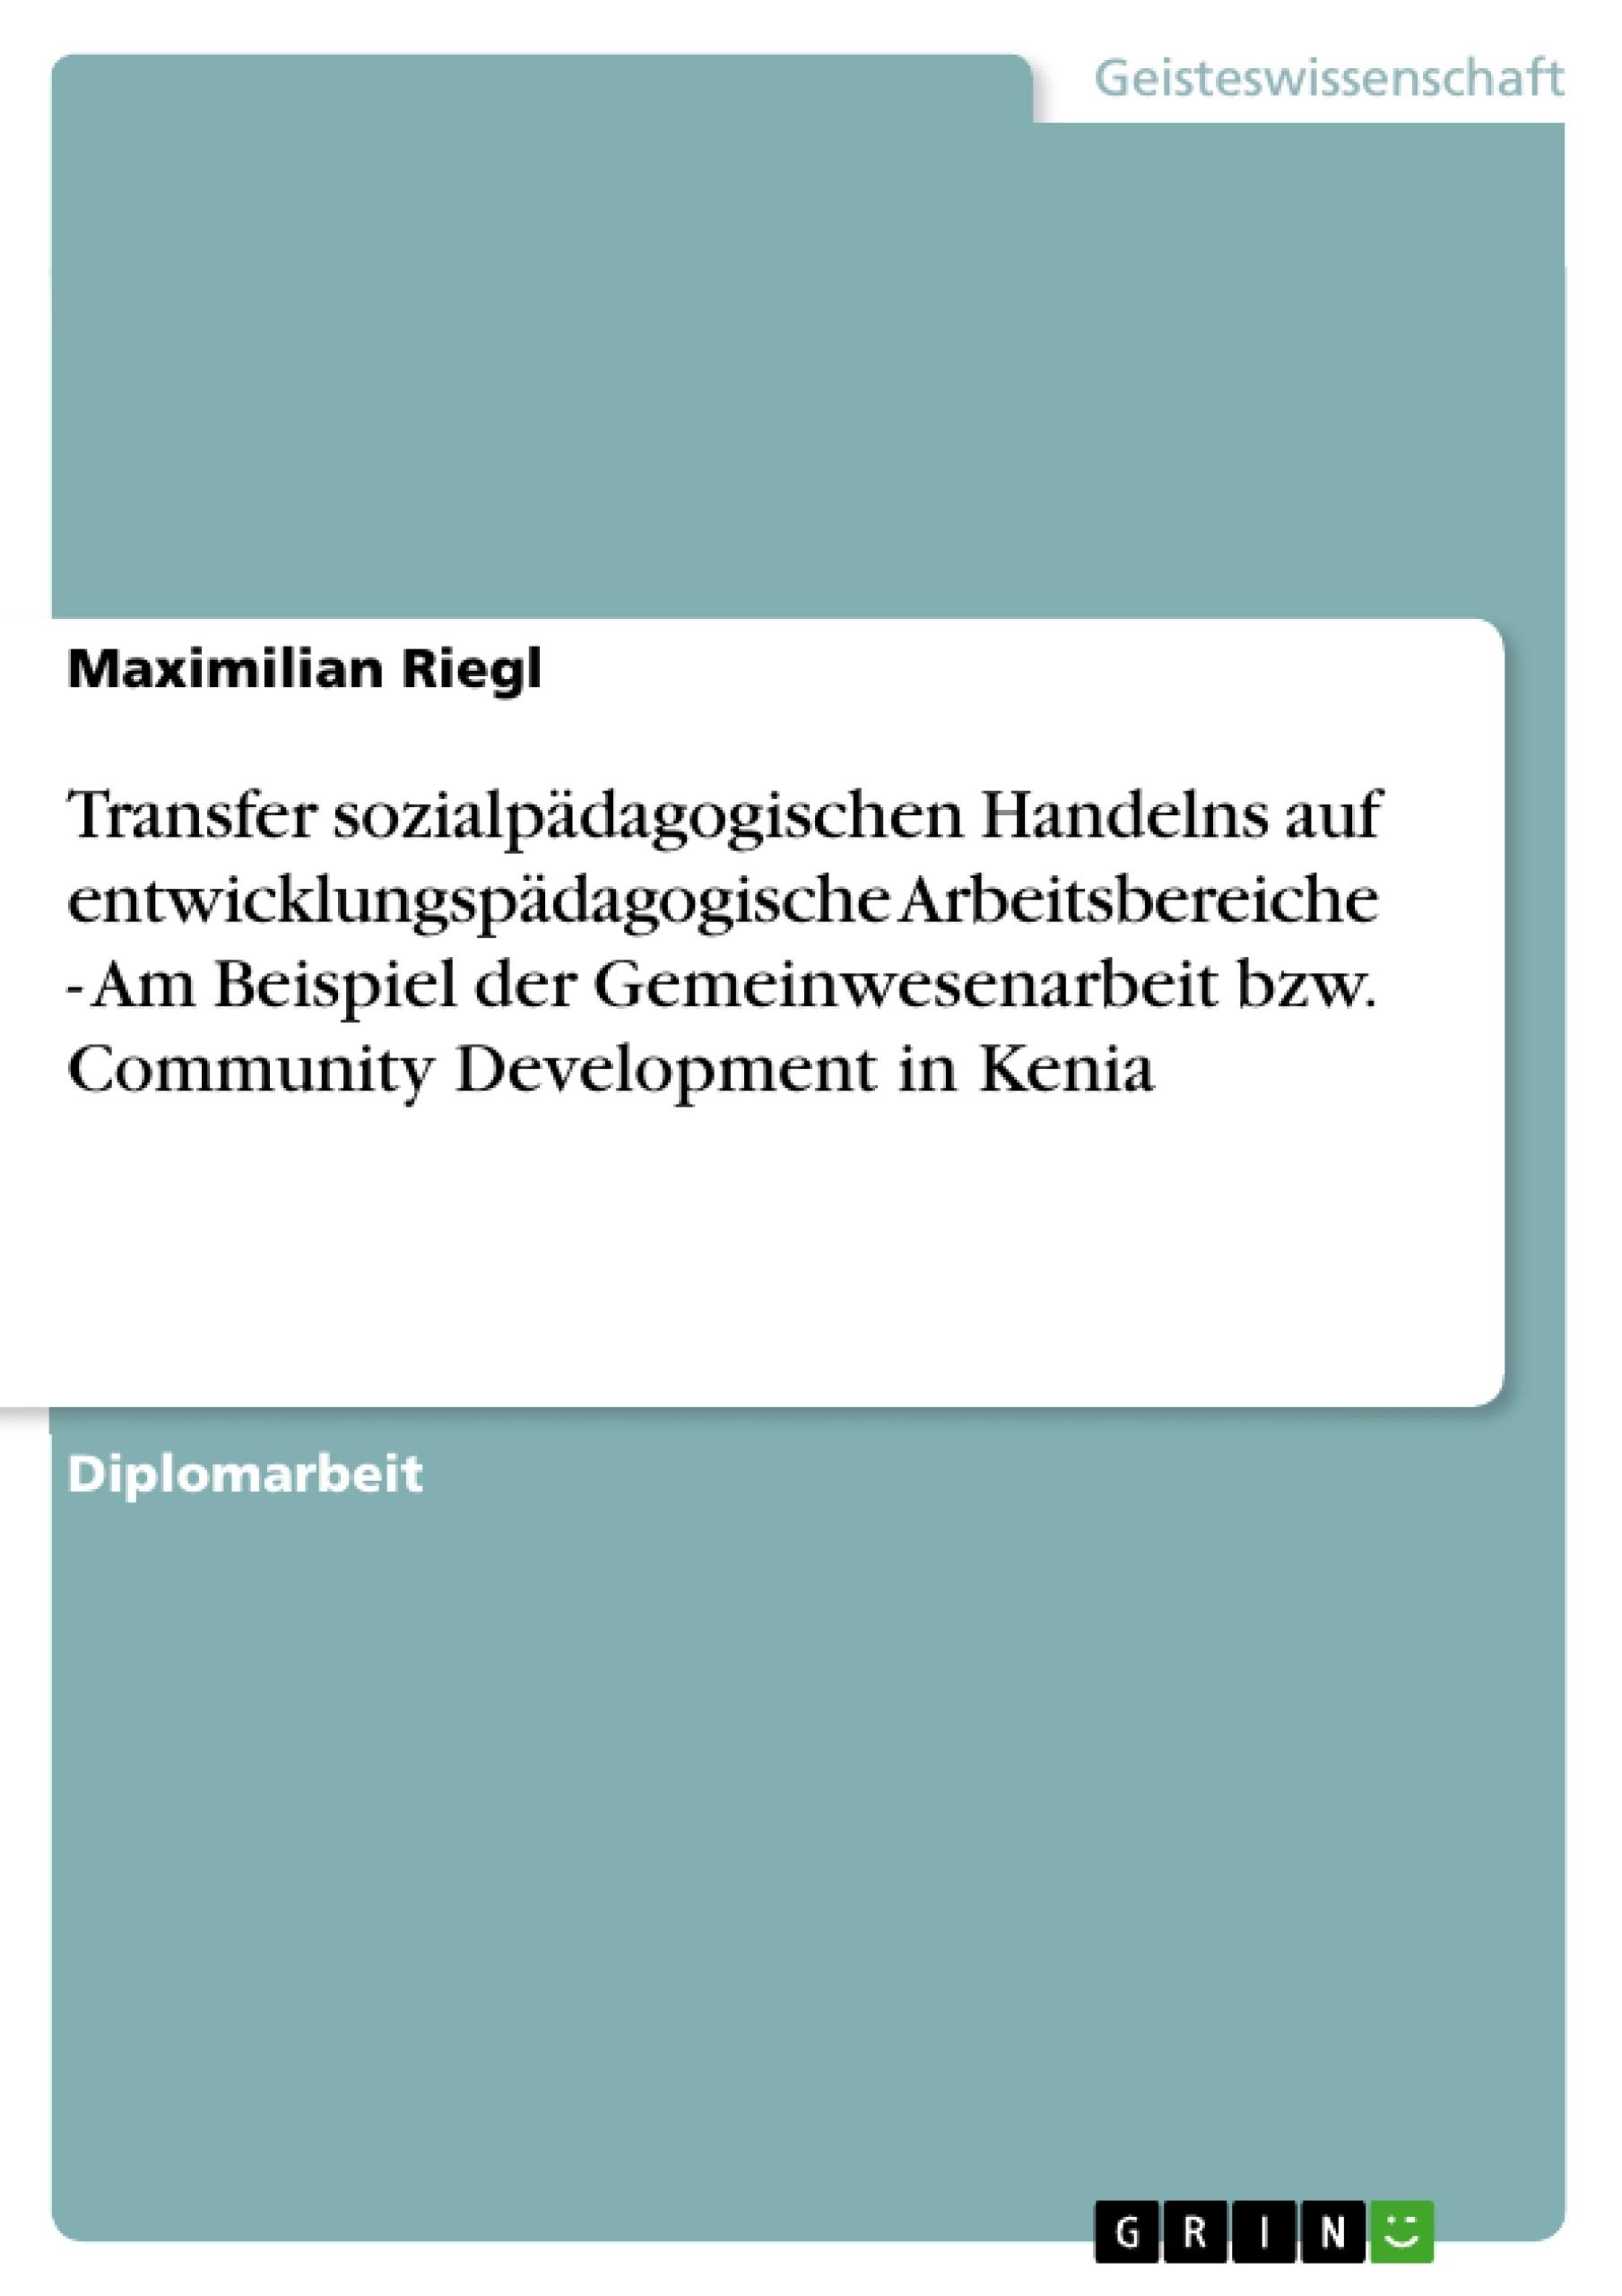 Titel: Transfer sozialpädagogischen Handelns auf entwicklungspädagogische Arbeitsbereiche - Am Beispiel der Gemeinwesenarbeit bzw. Community Development in Kenia